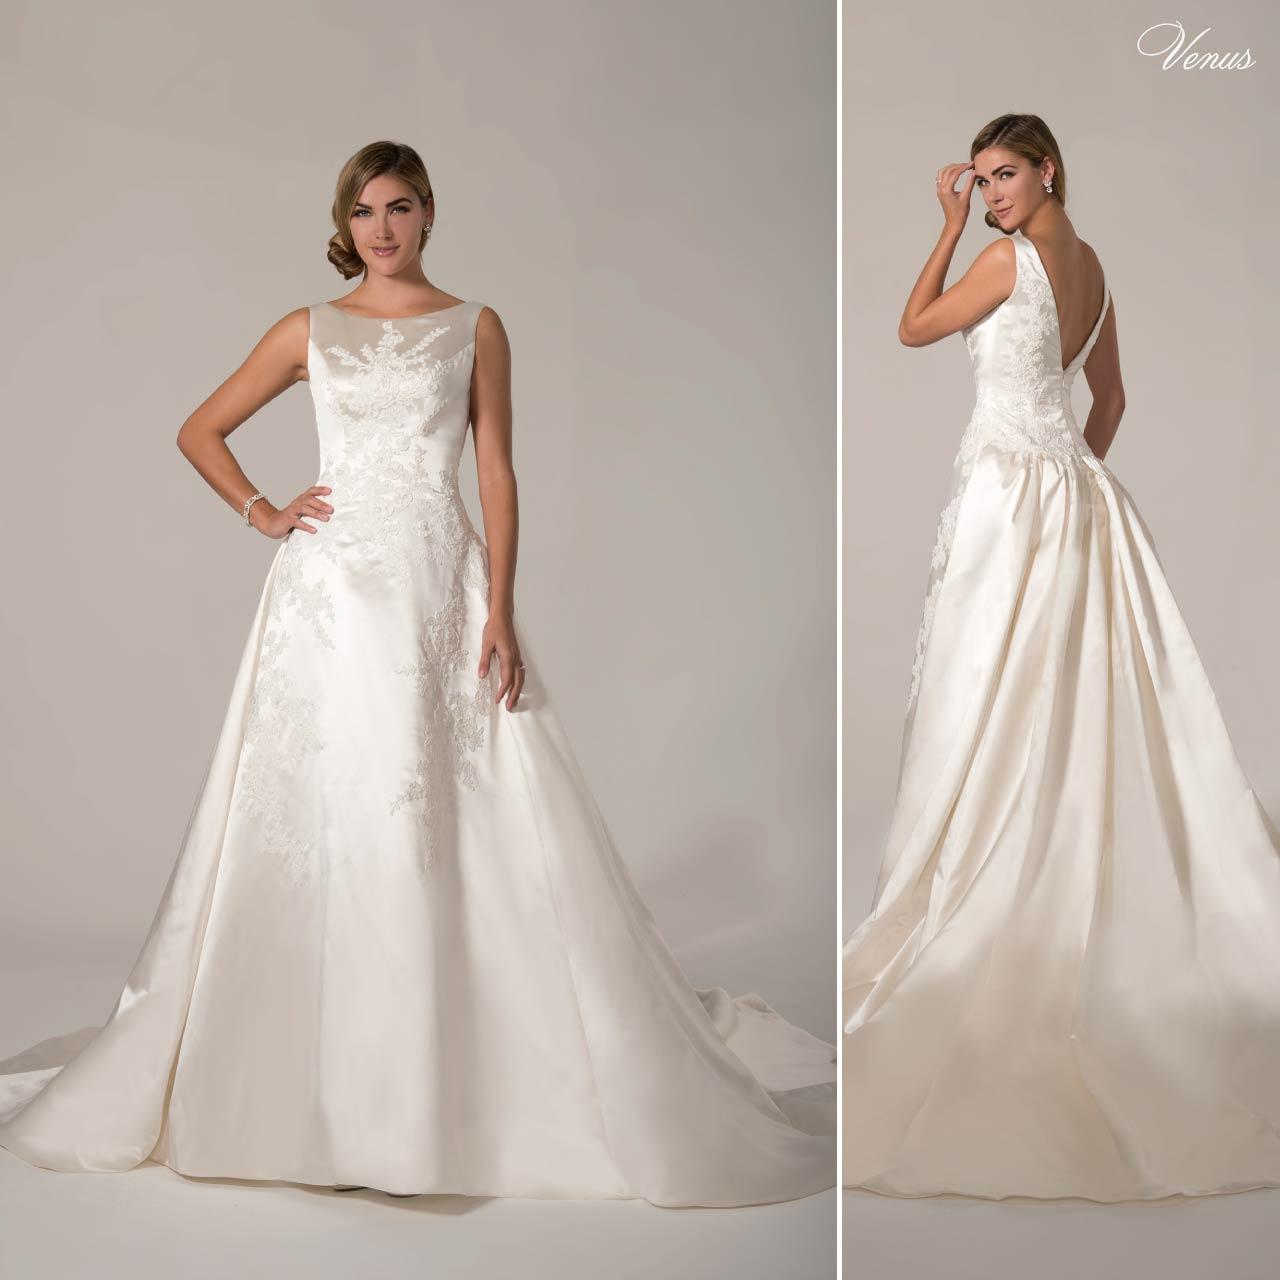 Abito sposa in seta bianco articolo AT4685N Venus Bridal Italia Abito da ... 2c3227936a1